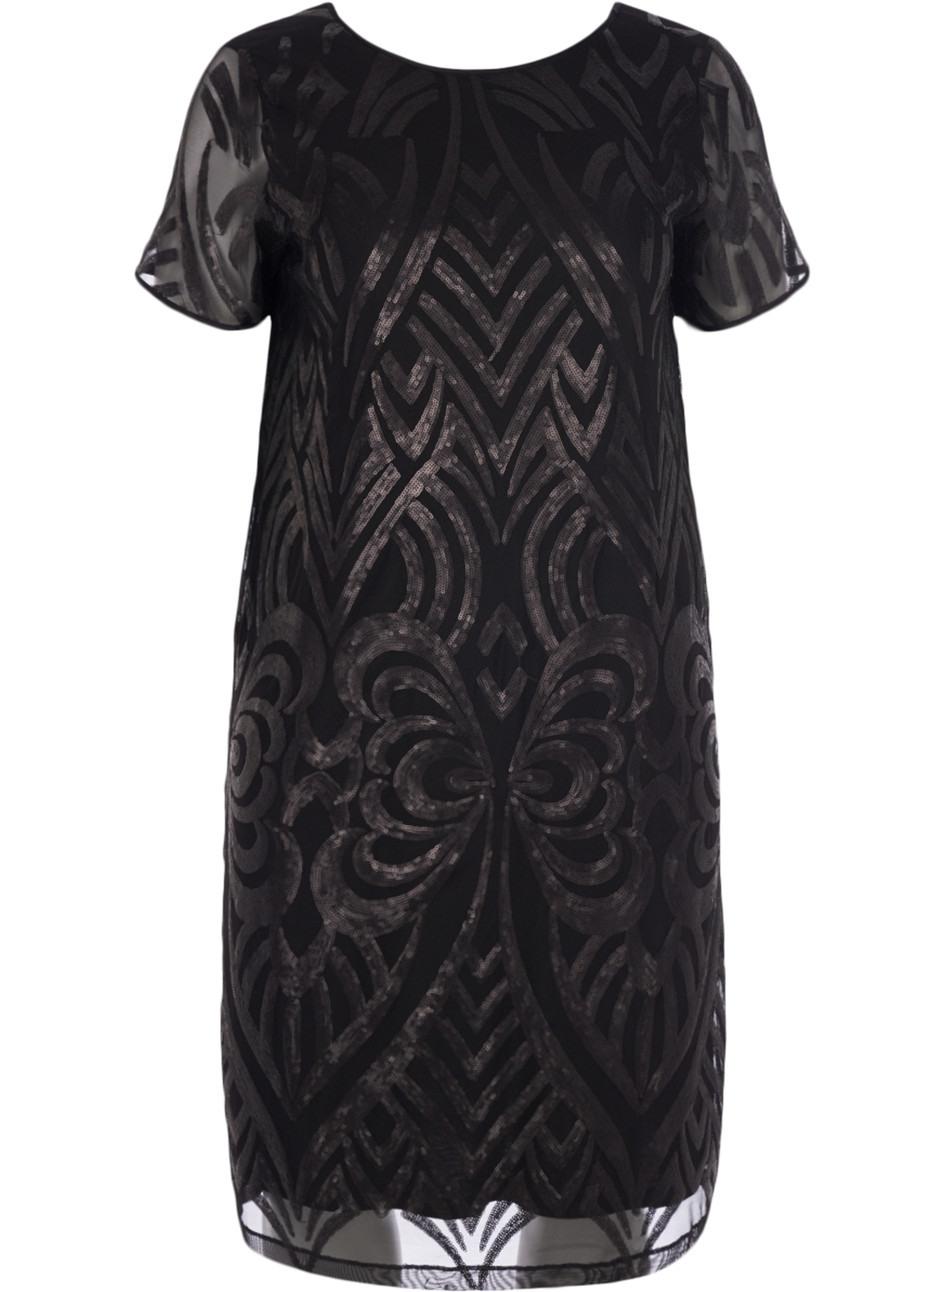 Kleid Mit Pailletten  Größe 4256 Online Kaufen Auf Zizzide  Zizzide